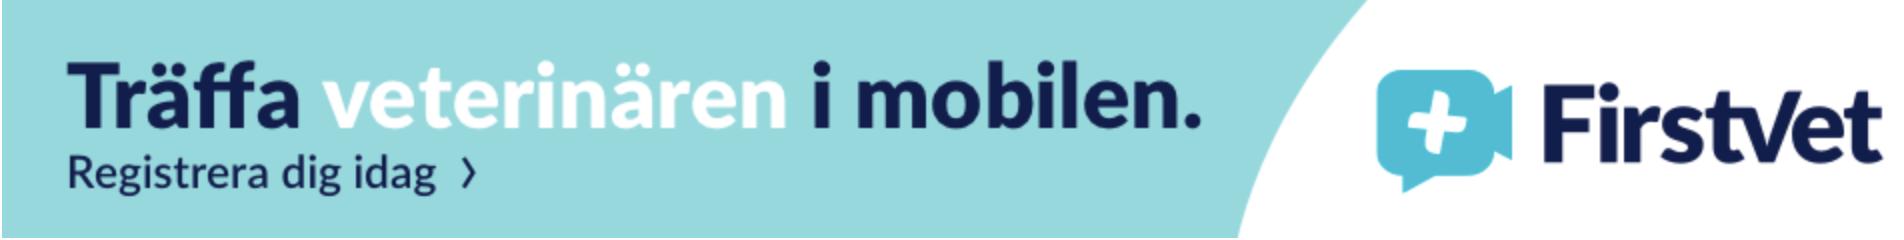 mobilveterinär